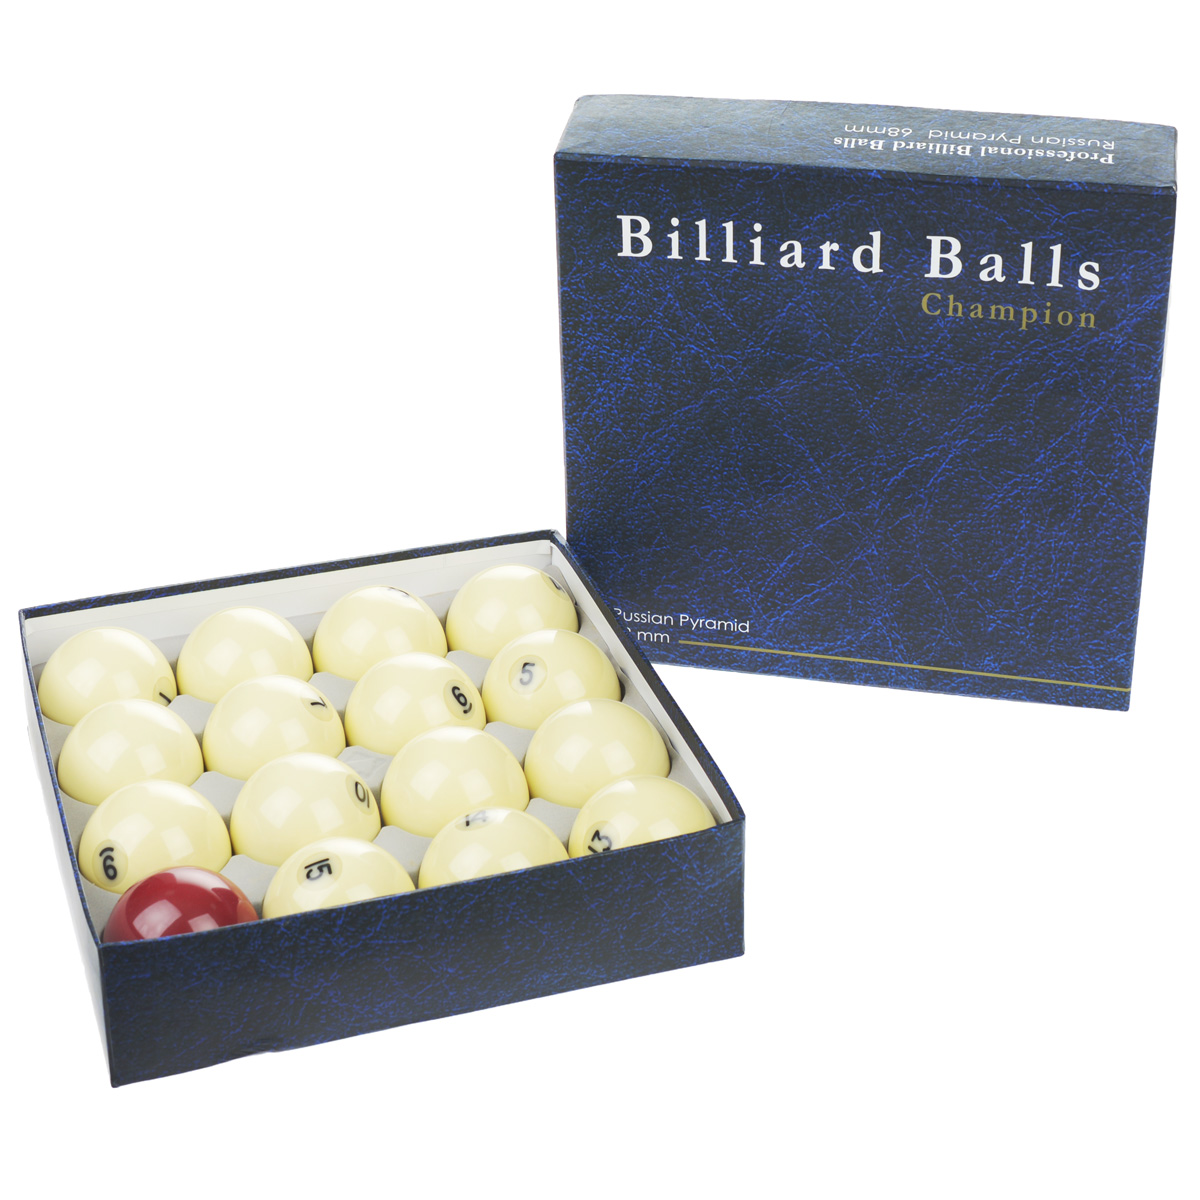 Бильярдные шары Champion Pyramid Pro, 68 мм